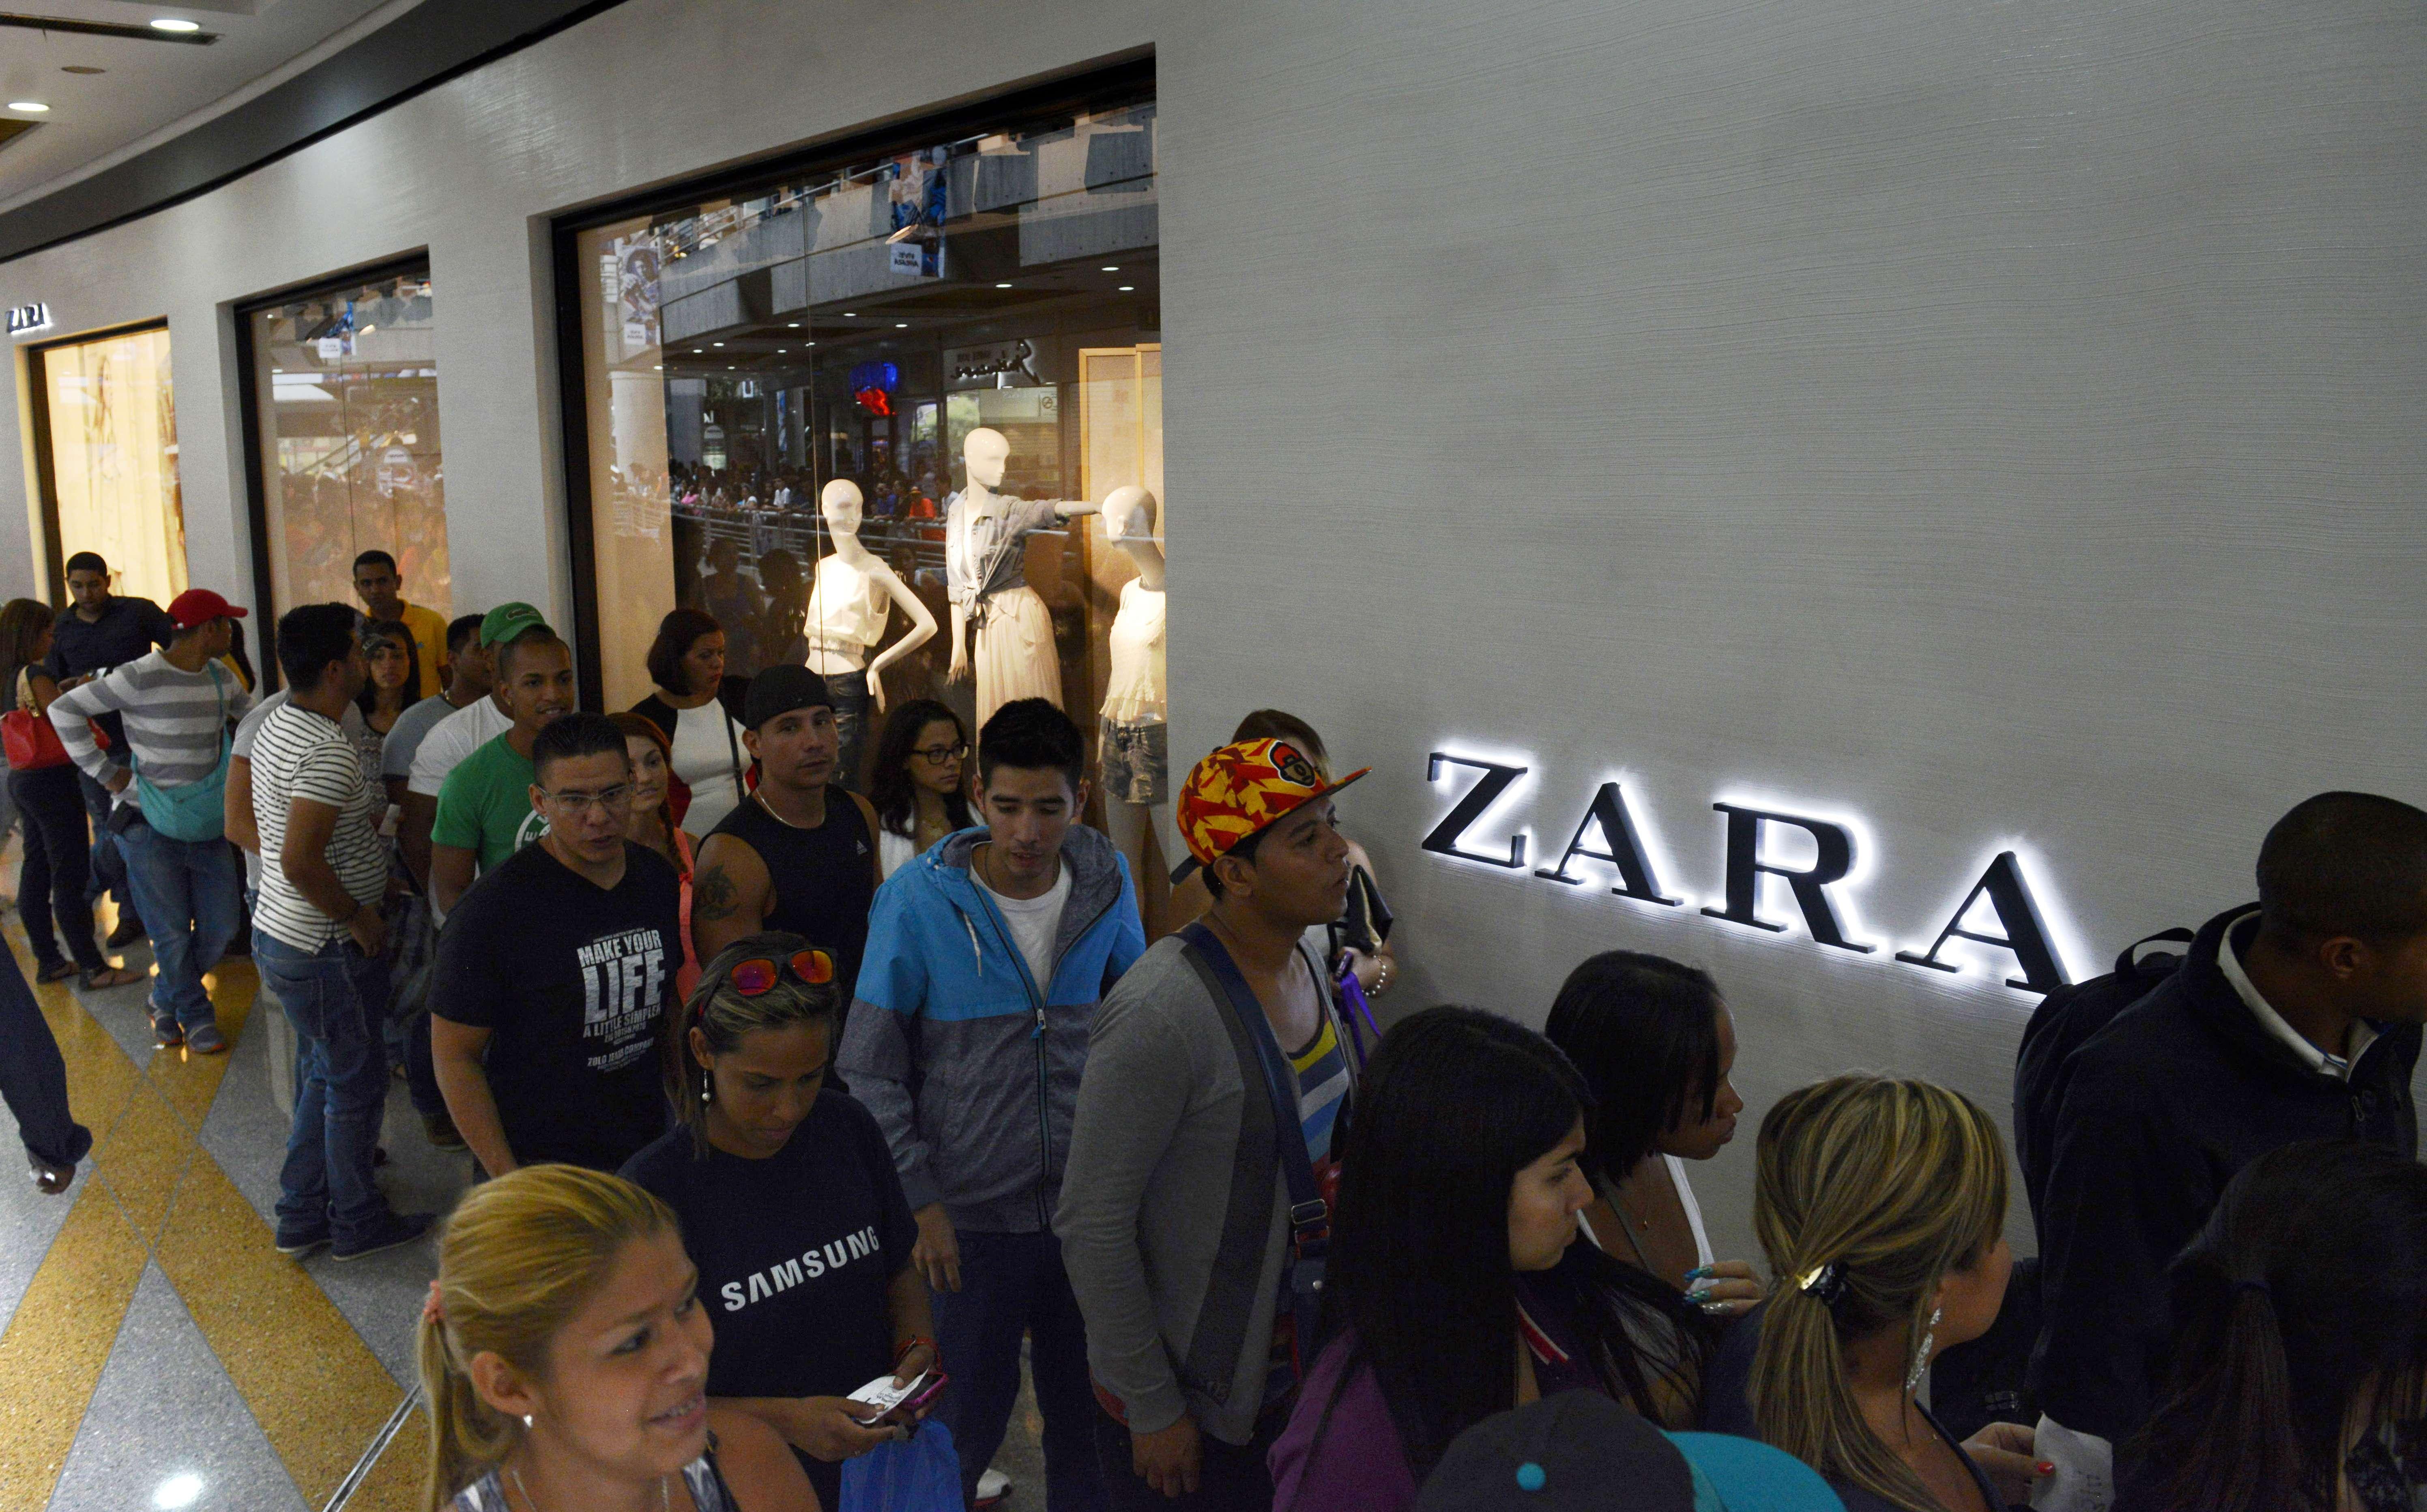 Fashion retailers in sweatshop accusations